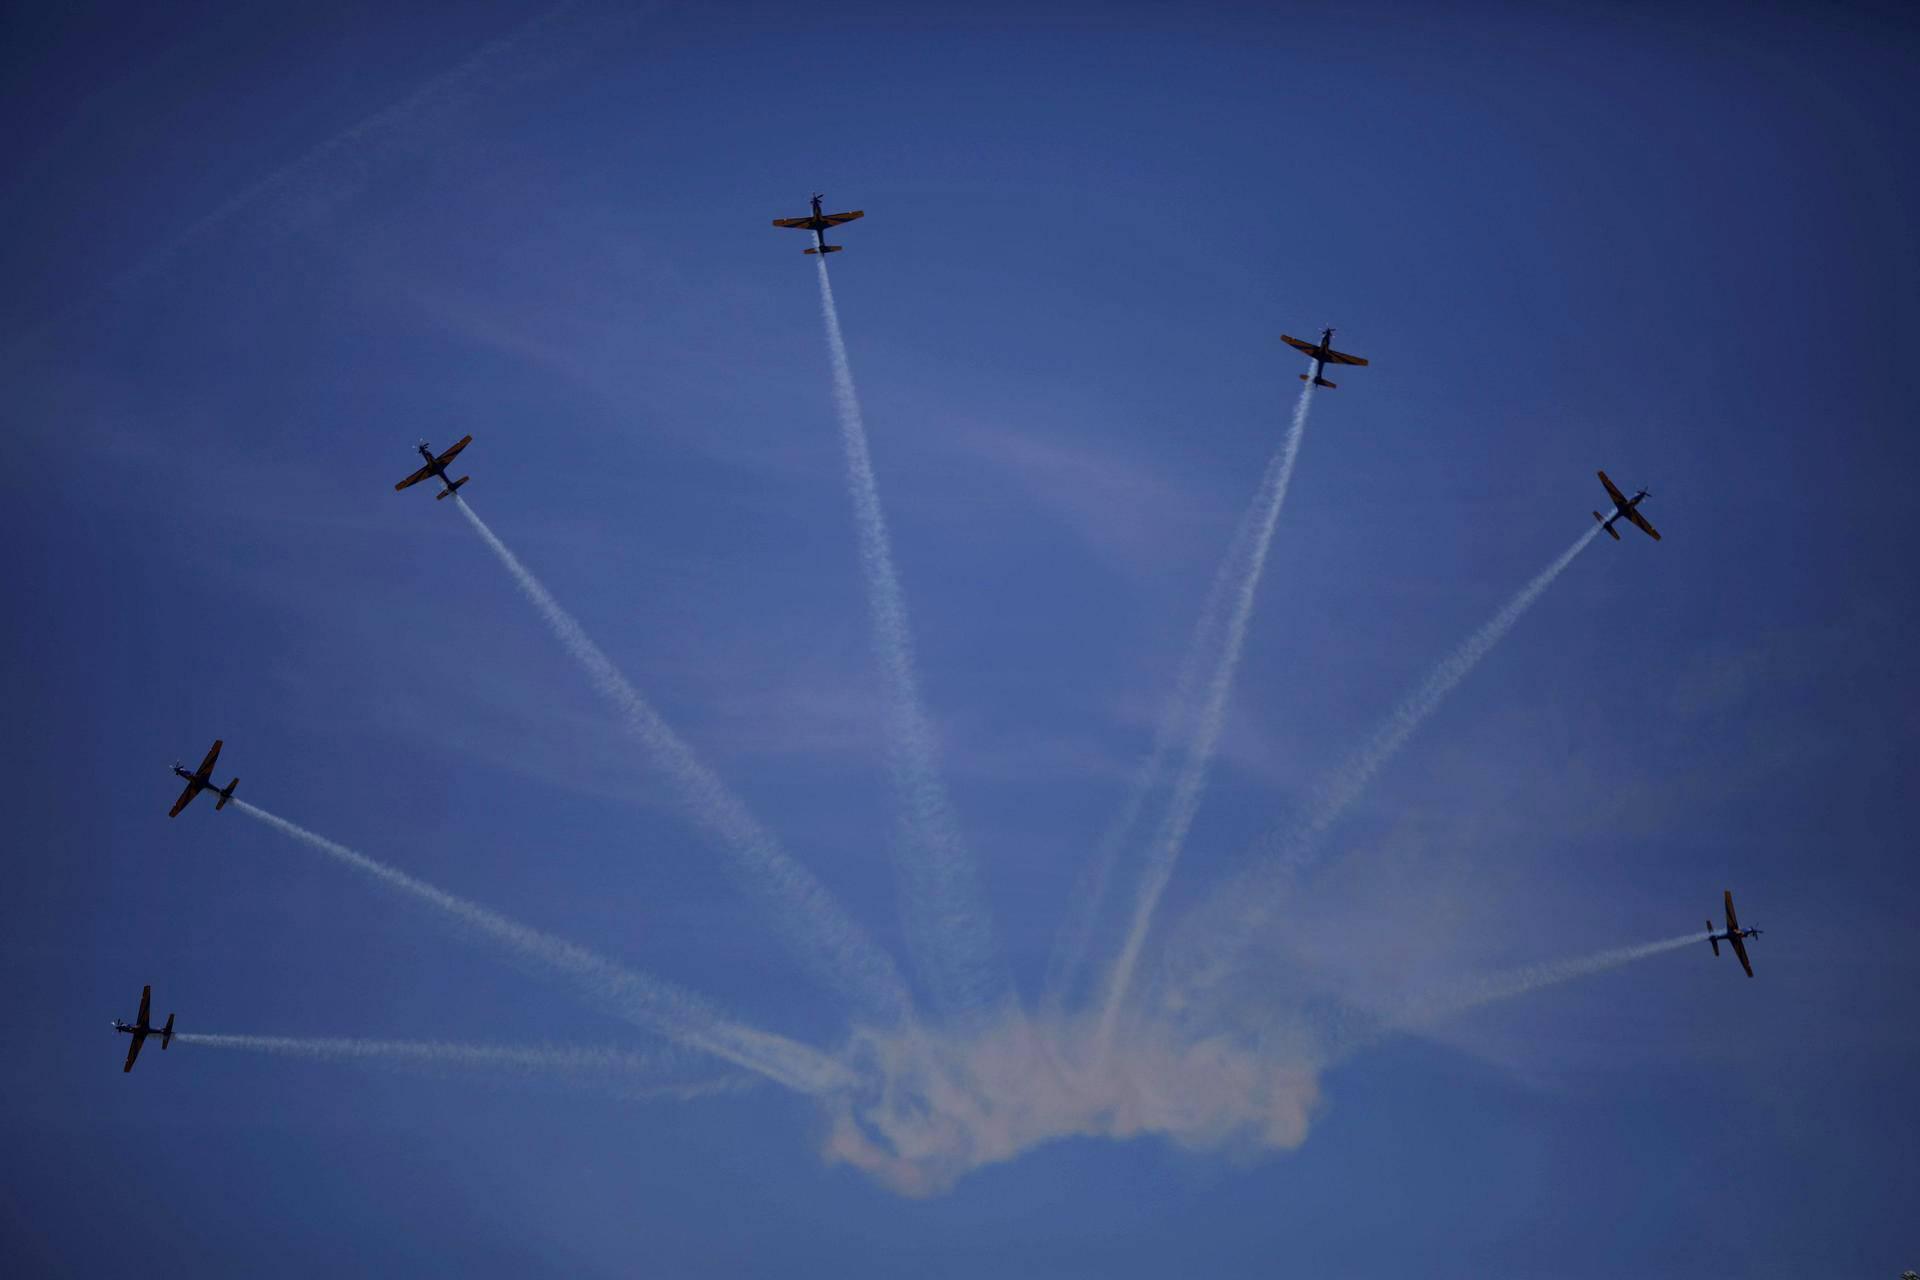 Brasilian ilmavoimien koneet tekevät viuhkakuviota ilmailunäytöksessä, joka liittyy torstaina vietettävään itsenäisyyspäivään pääkaupunki Brasiliassa.